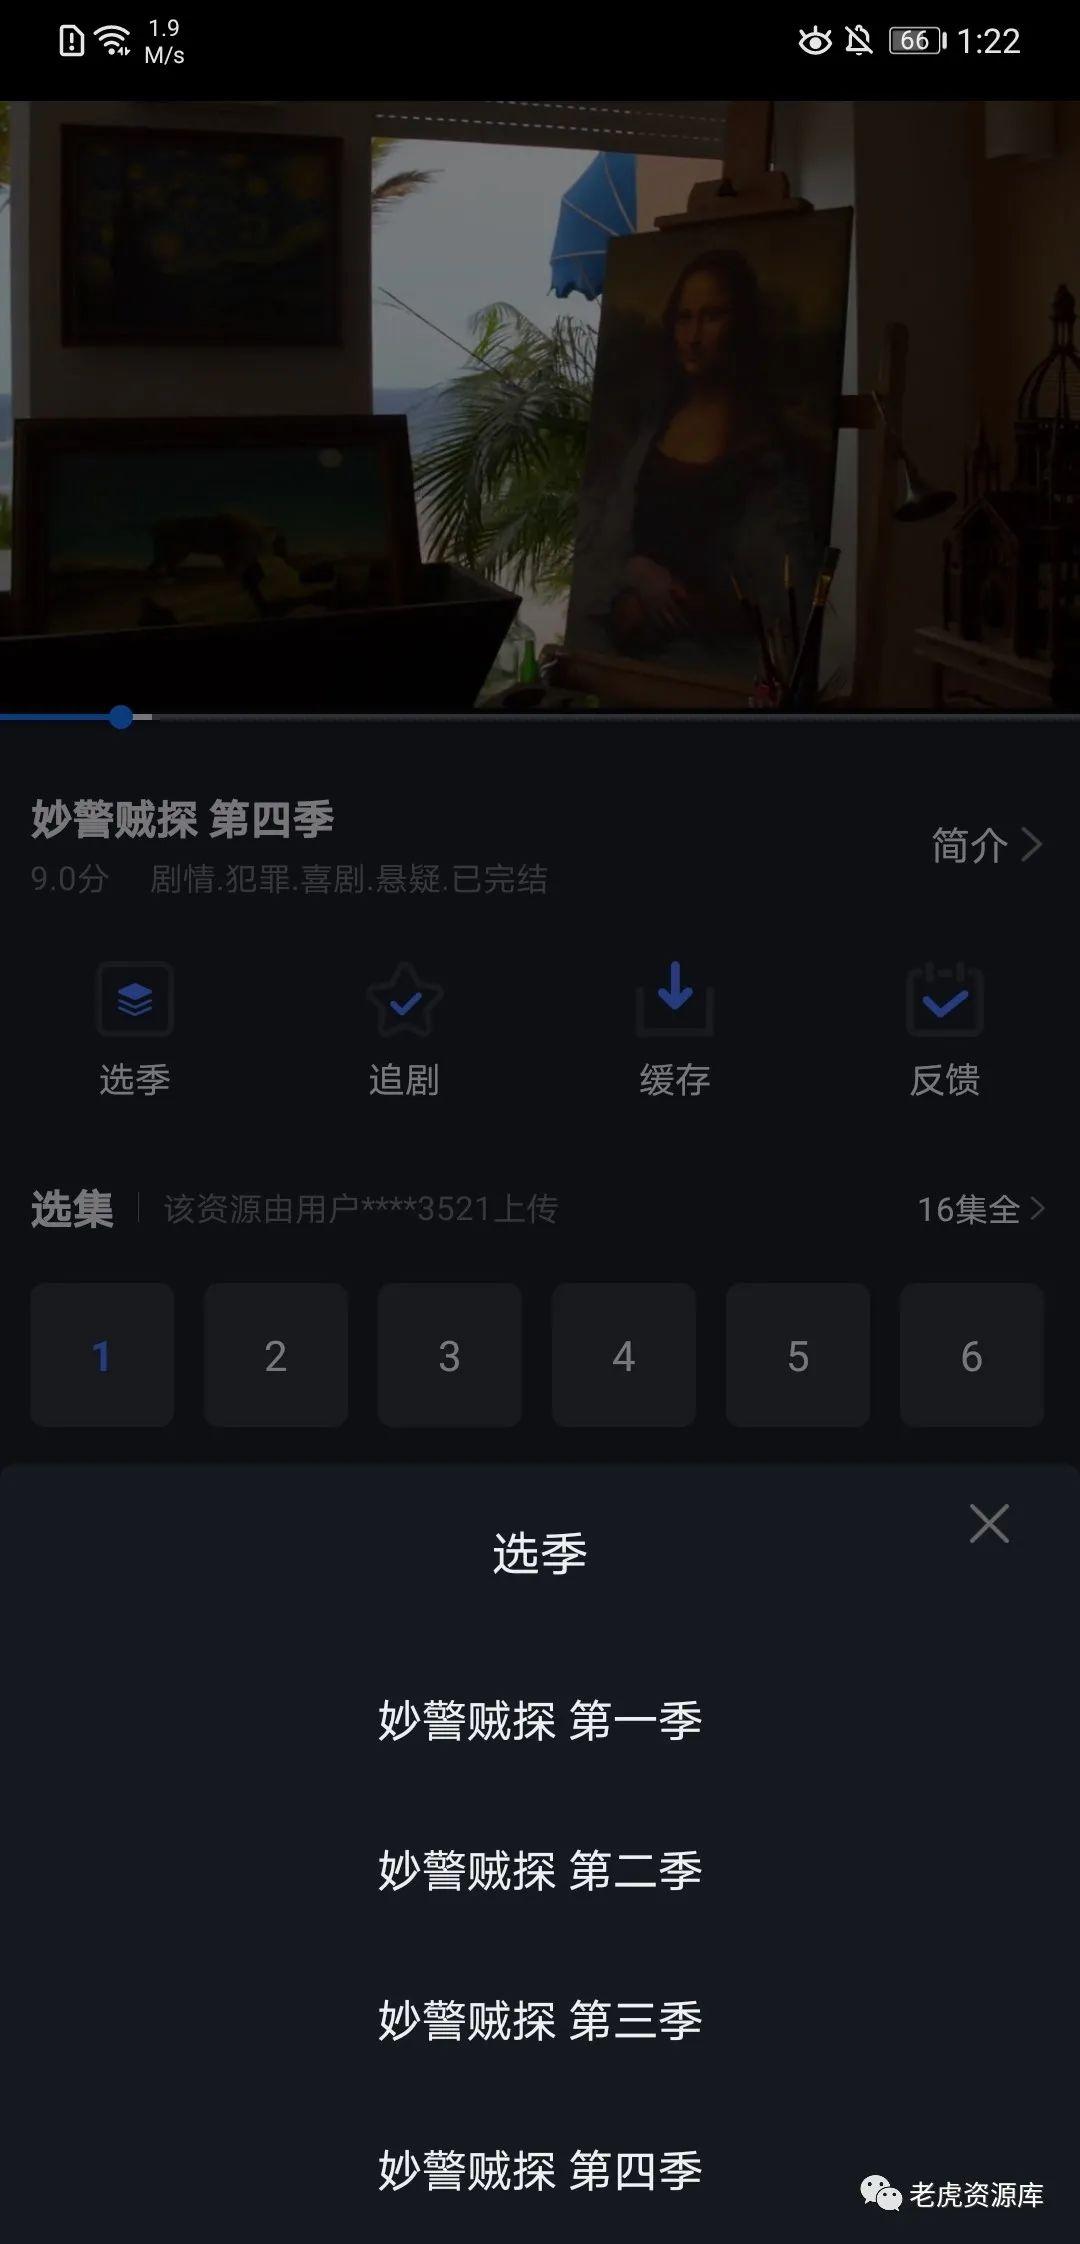 美剧星球App,整体使用非常稳定,秒切秒播都不在话下! 影视软件 第7张